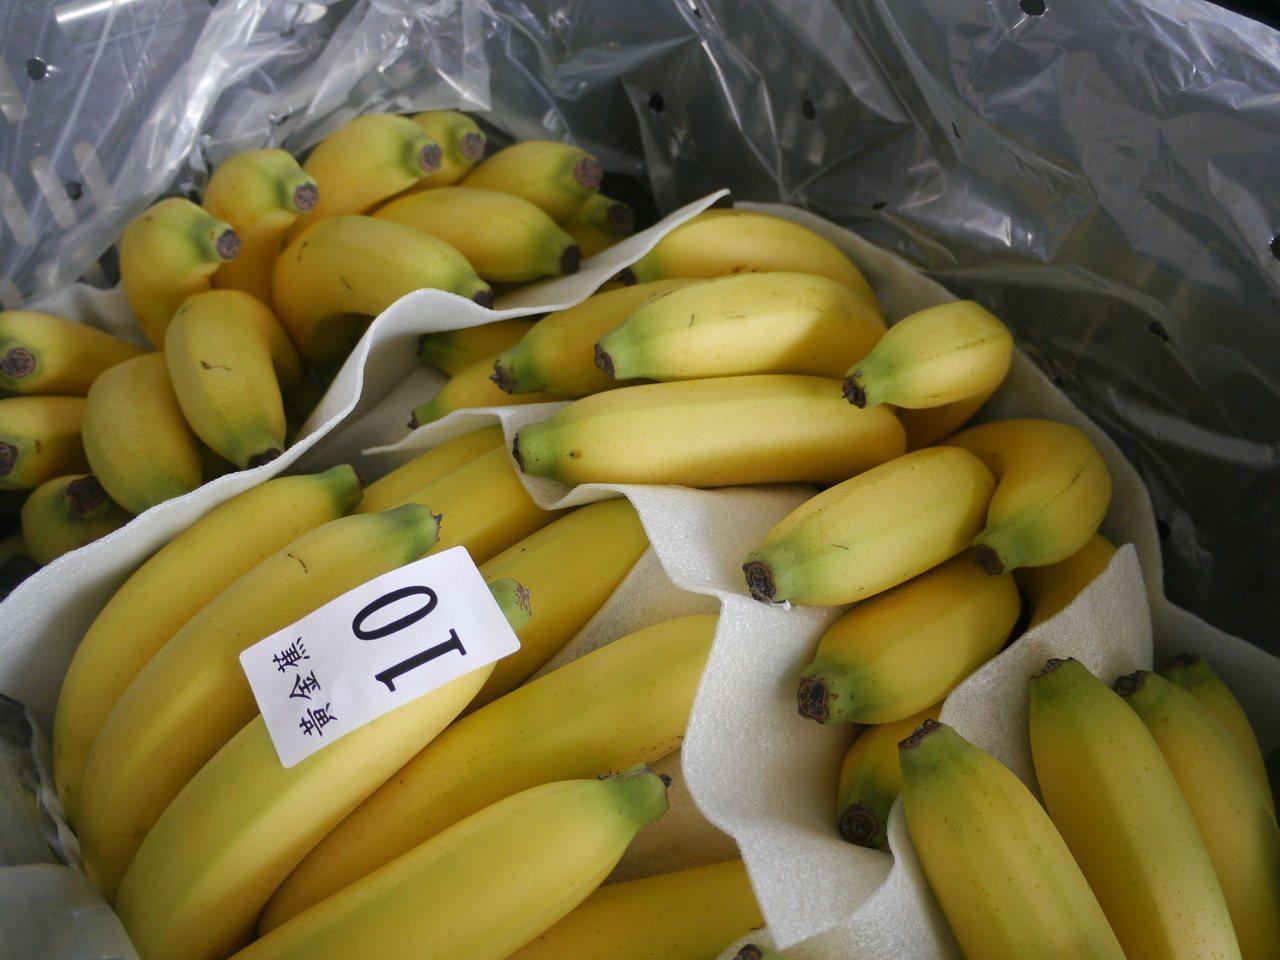 農委會在高雄、屏東試辦香蕉收入保險,多數農民仍在觀望階段。記者徐白櫻/攝影